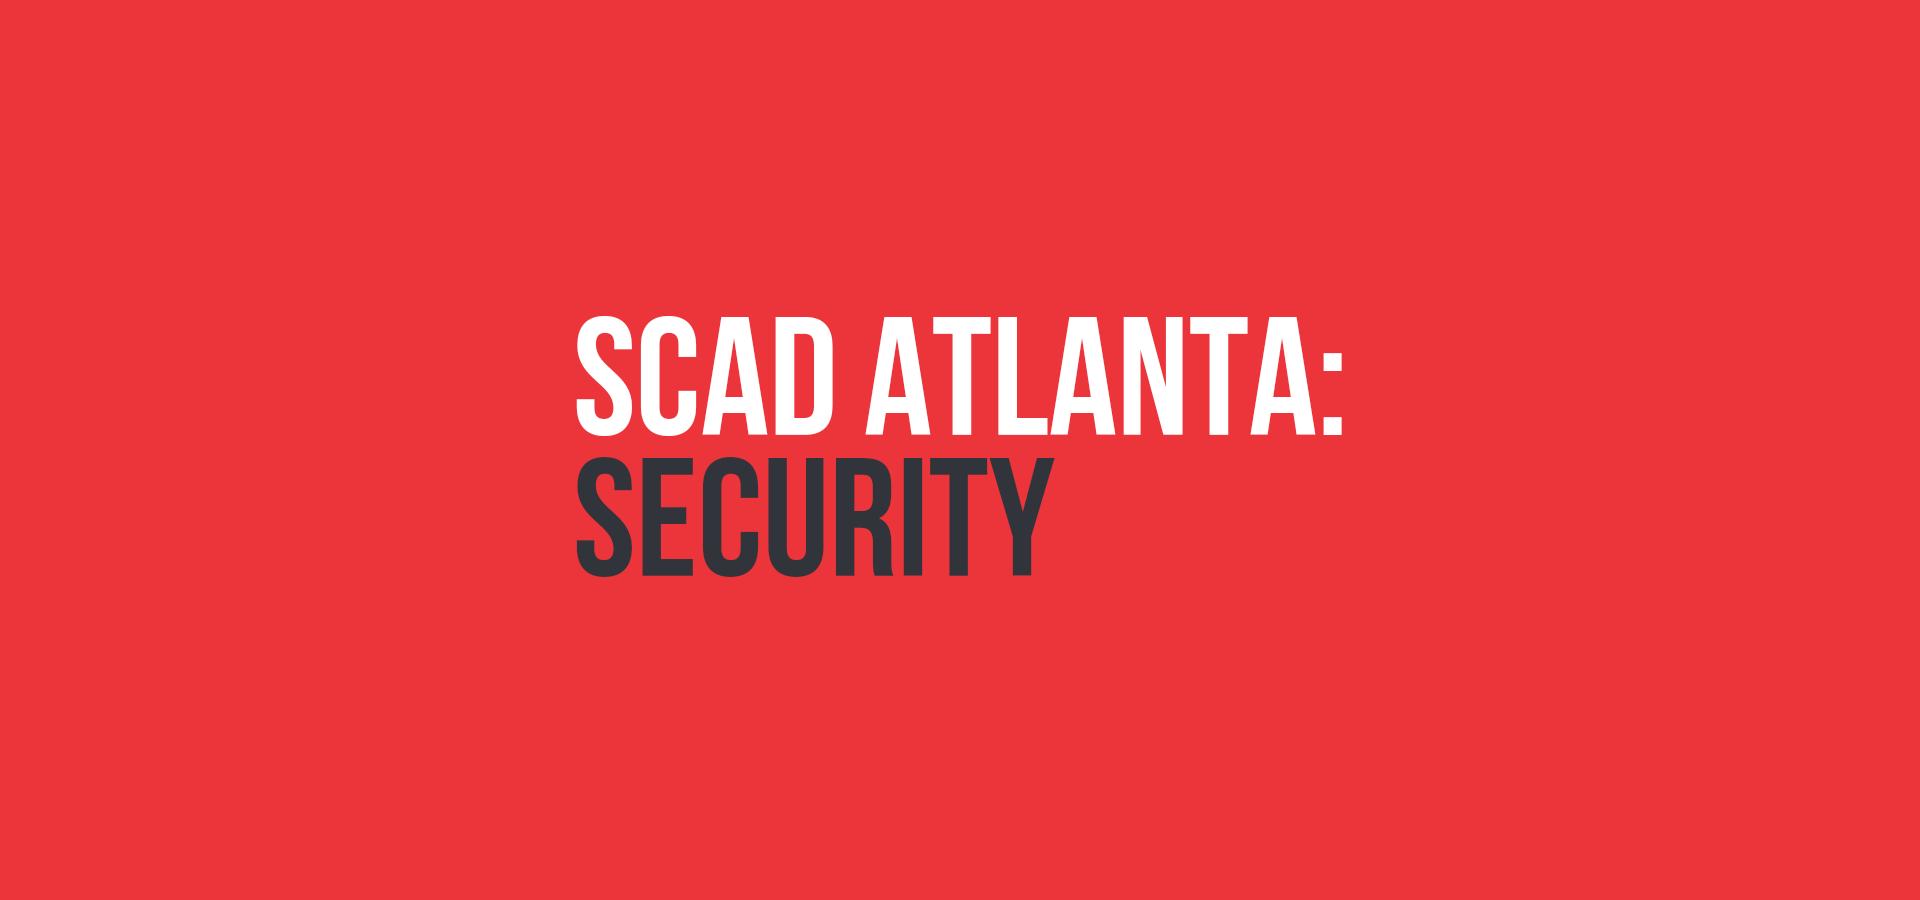 SCAD Atlanta: Security